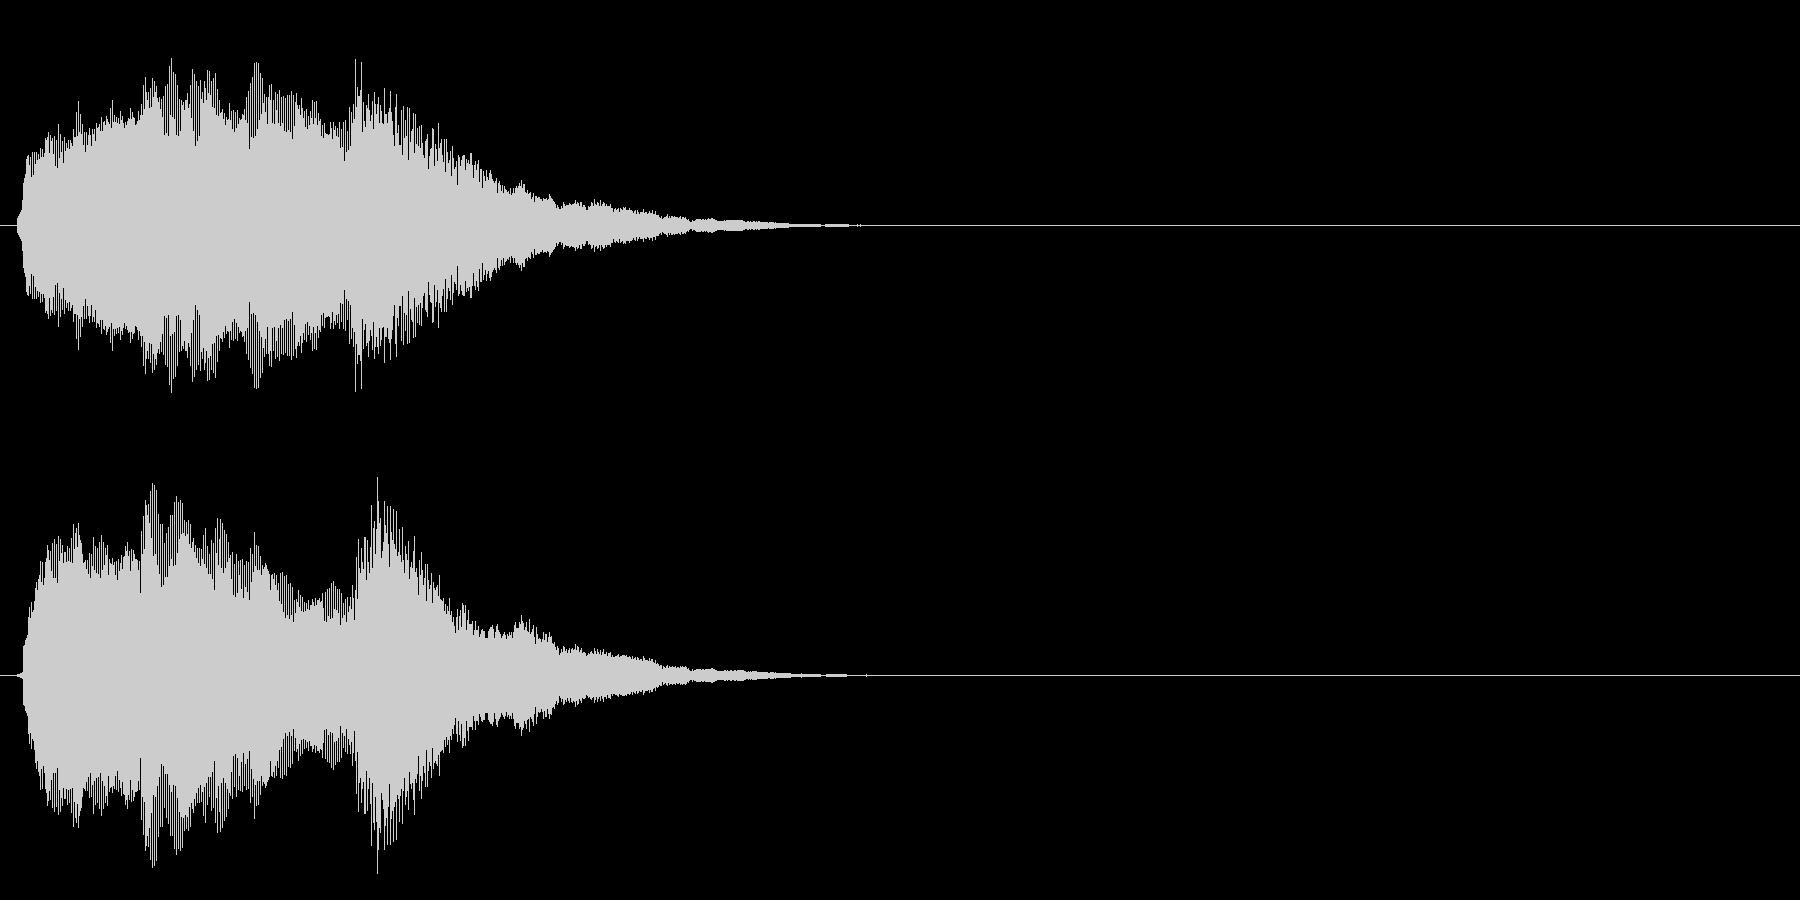 汎用 キラキラ系08(大) アイテム発見の未再生の波形